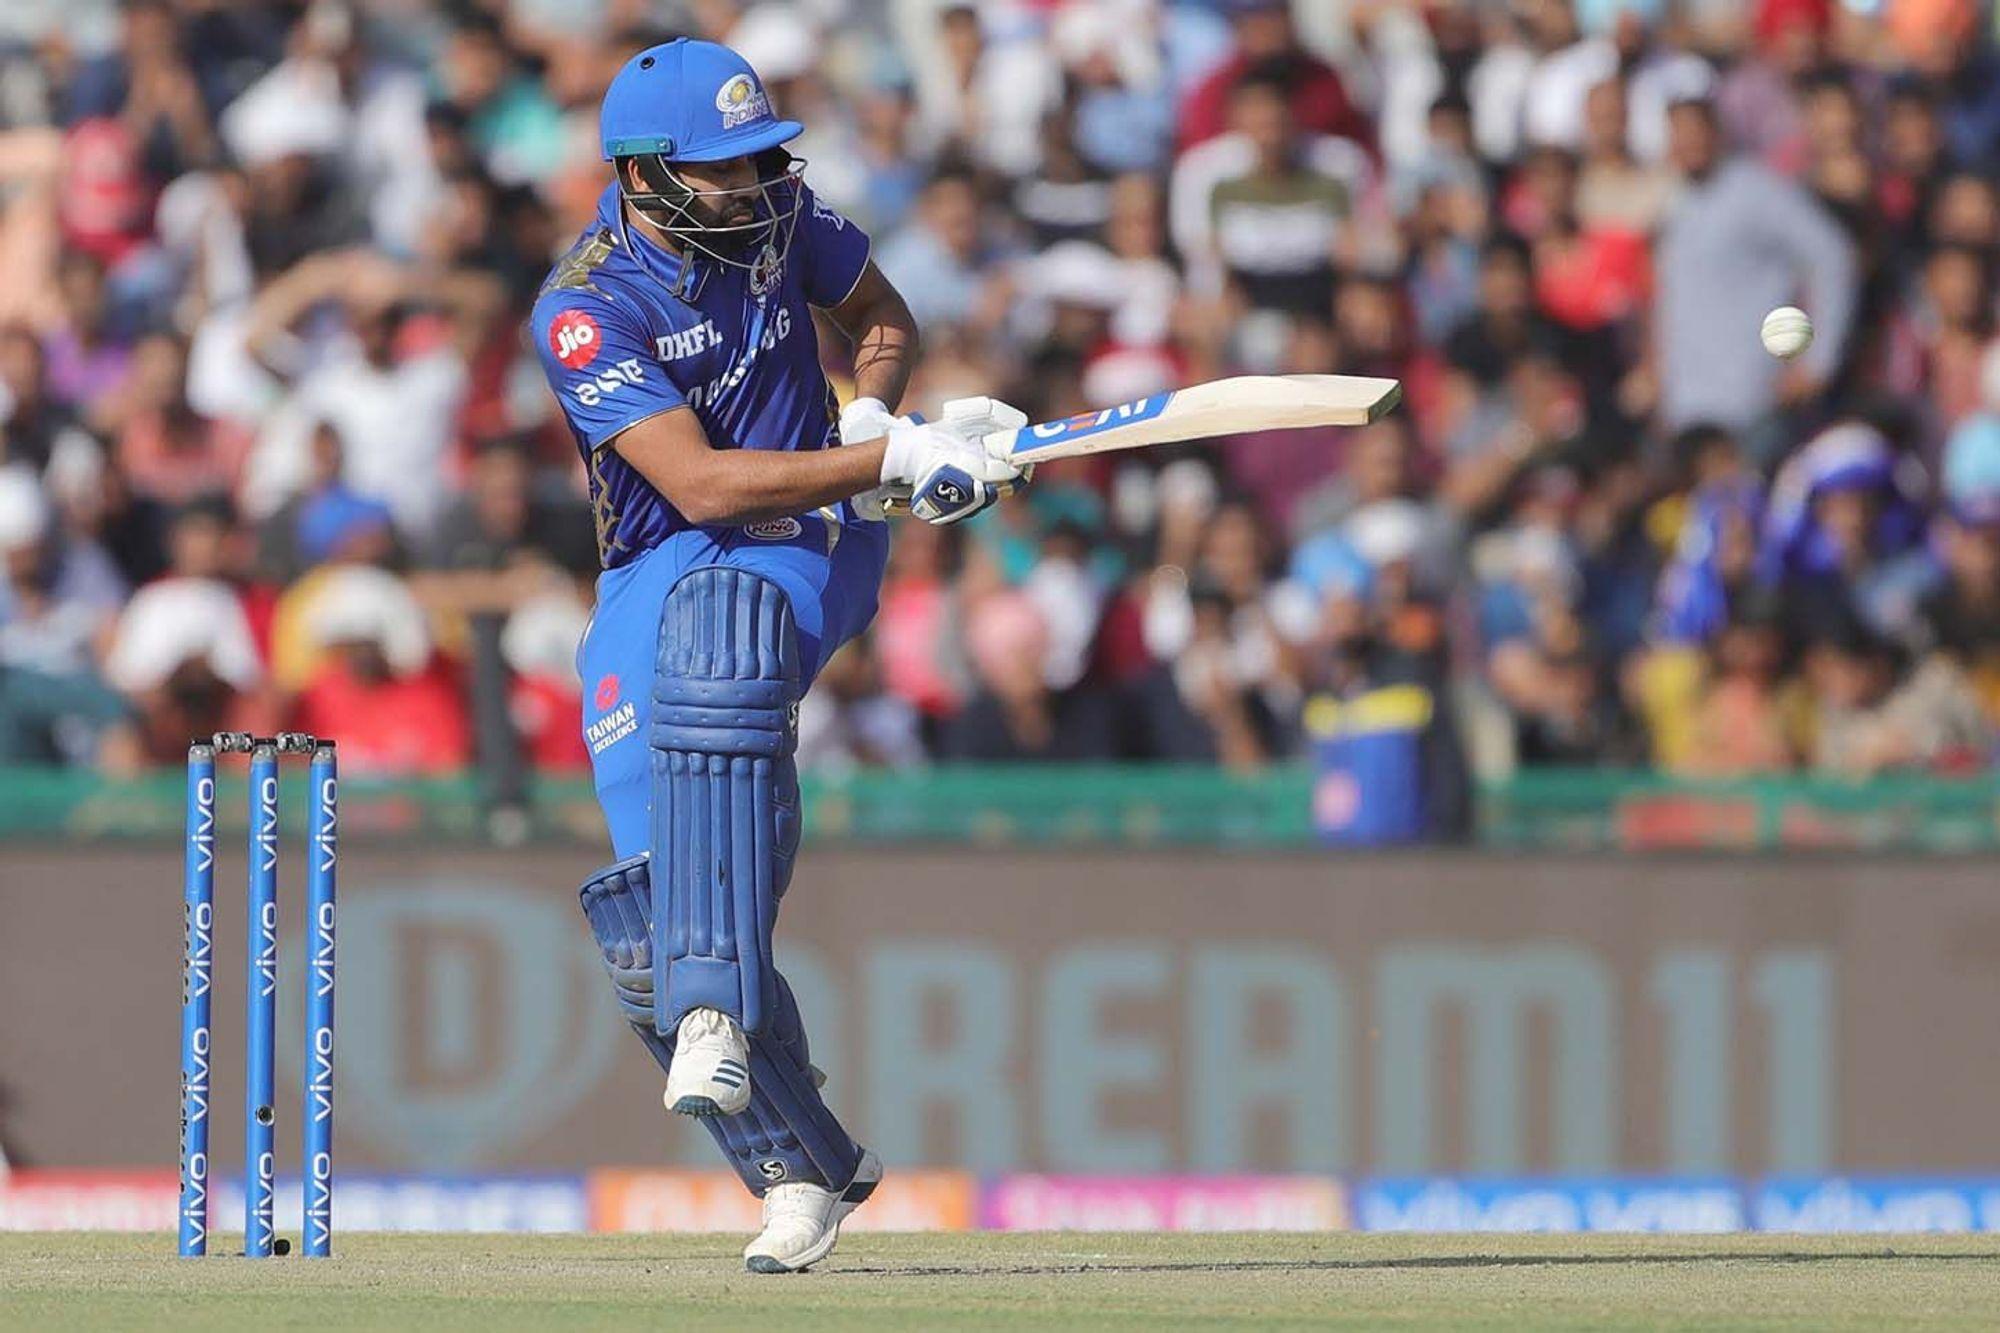 IPL 2019: रोहित शर्मा नहीं तोड़ सके सुरेश रैना का ऐतिहासिक रिकॉर्ड, अब लंबे समय तक कायम रहेगा रैना का ये रिकॉर्ड